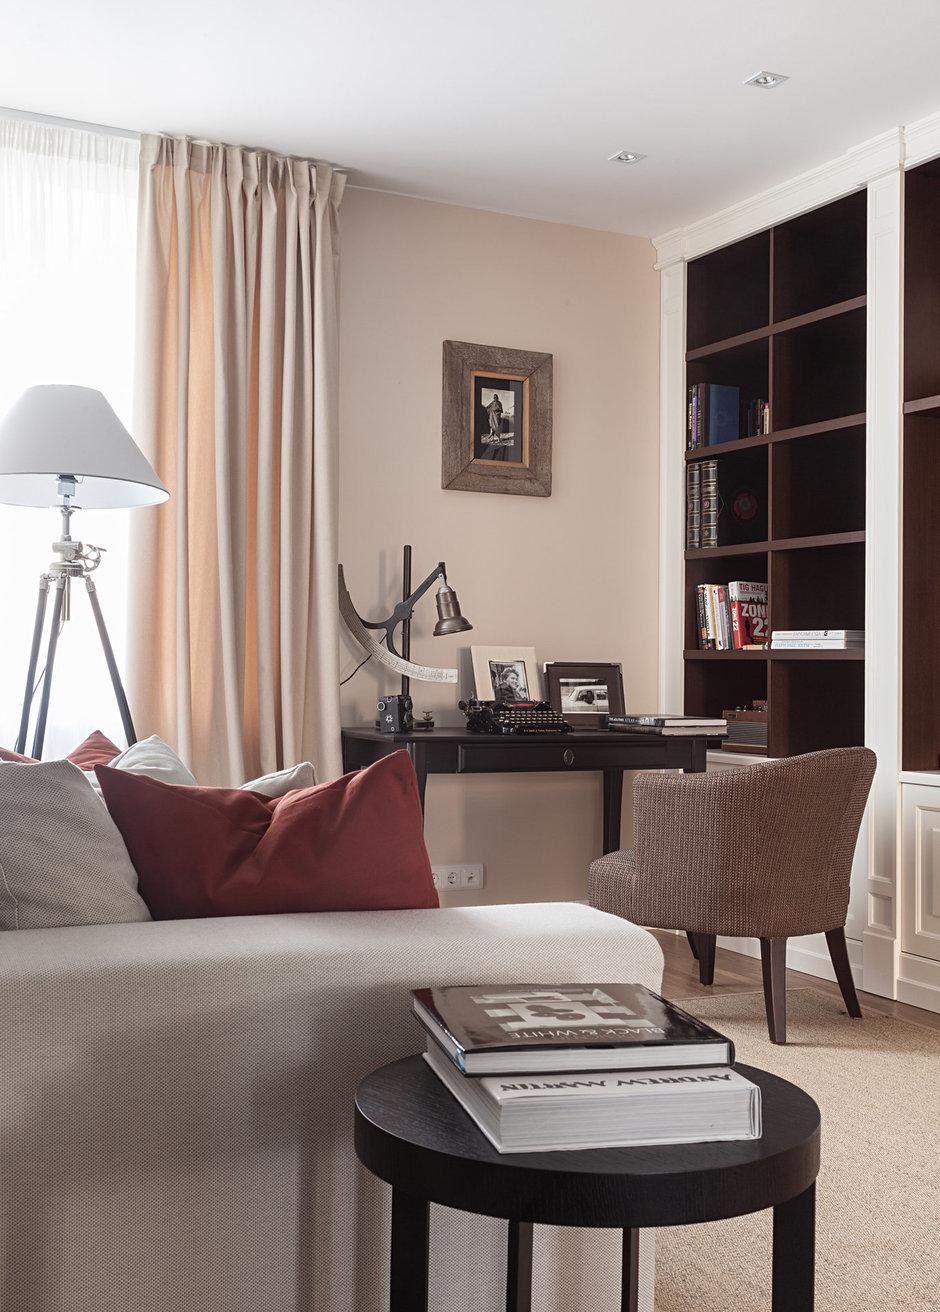 Фотография: Гостиная в стиле Современный, Восточный, Эклектика, Классический, Квартира, Дома и квартиры, IKEA, Проект недели, Дина Салахова – фото на InMyRoom.ru